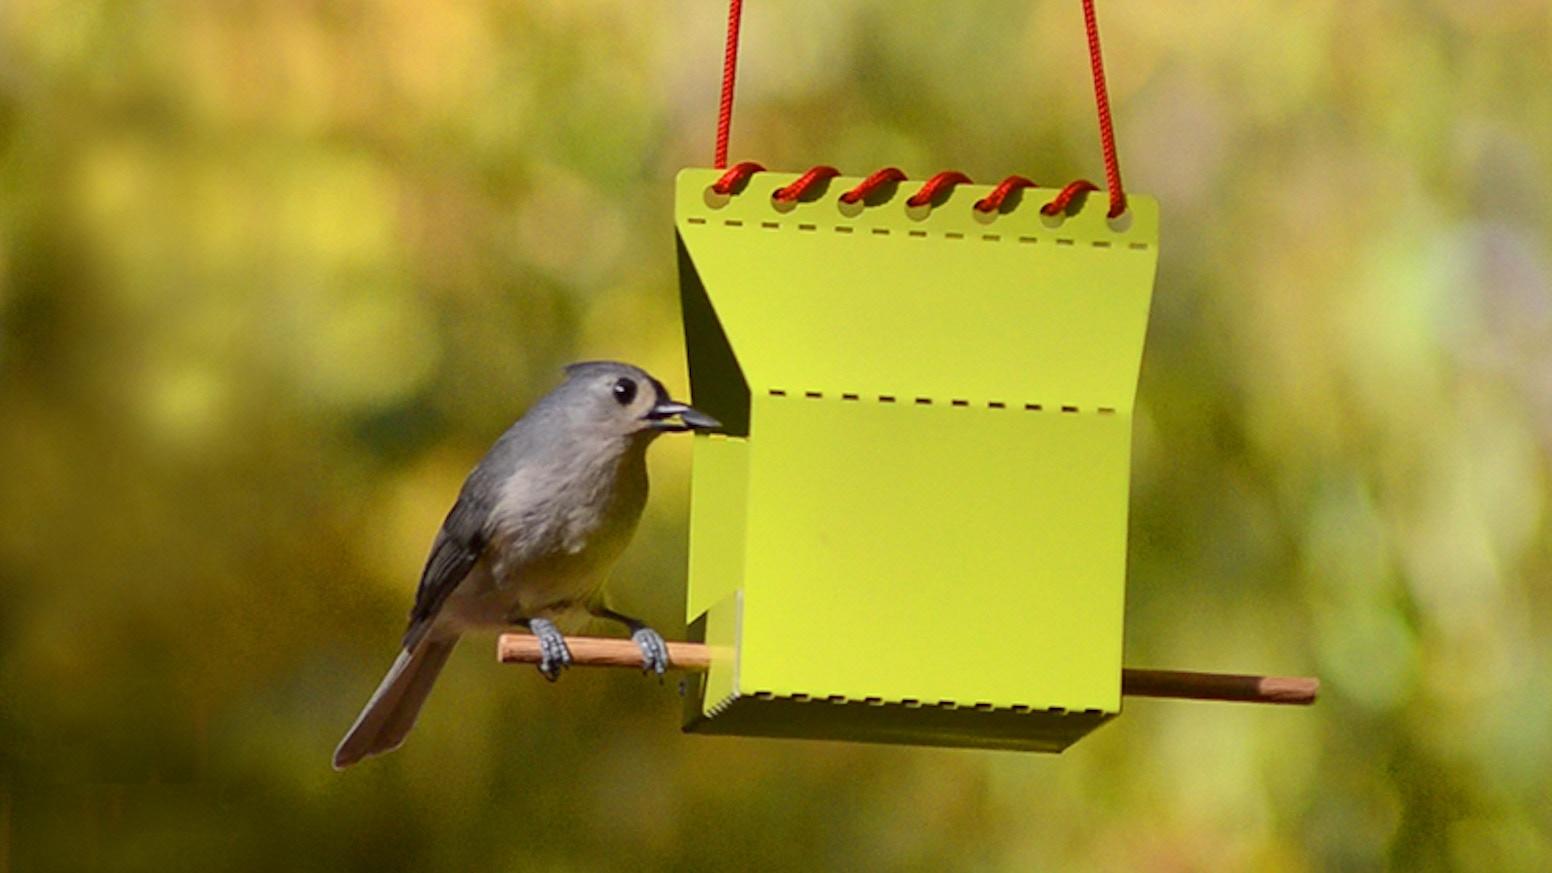 hd bird hammer ms klist food yellow download pictures org feeder